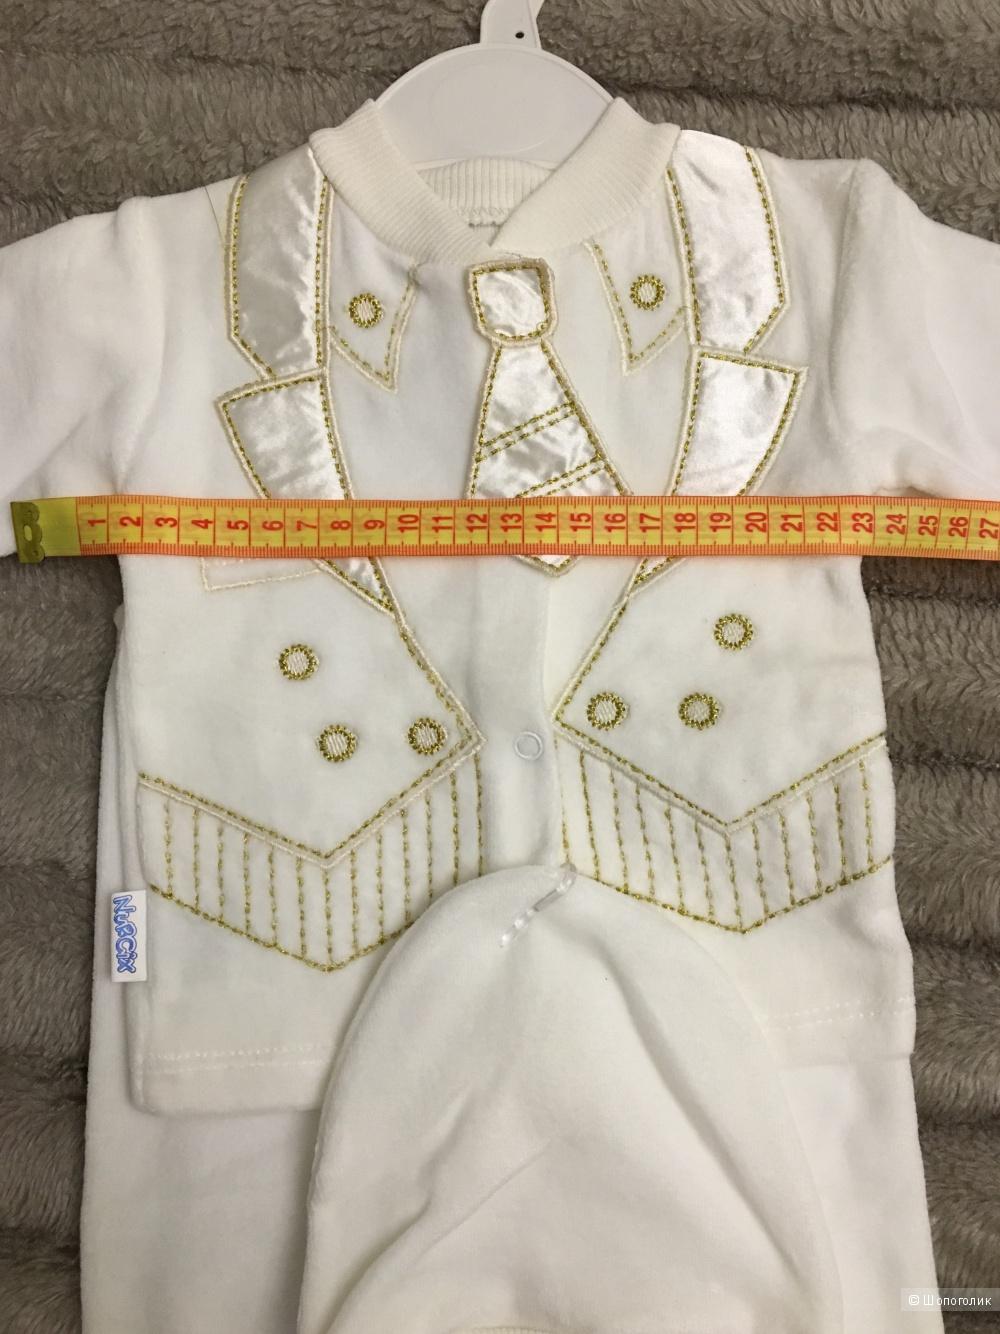 Сет из двух вещей , костюм Beyaz bebe 0-3 m. + nurcix 0-3 m.